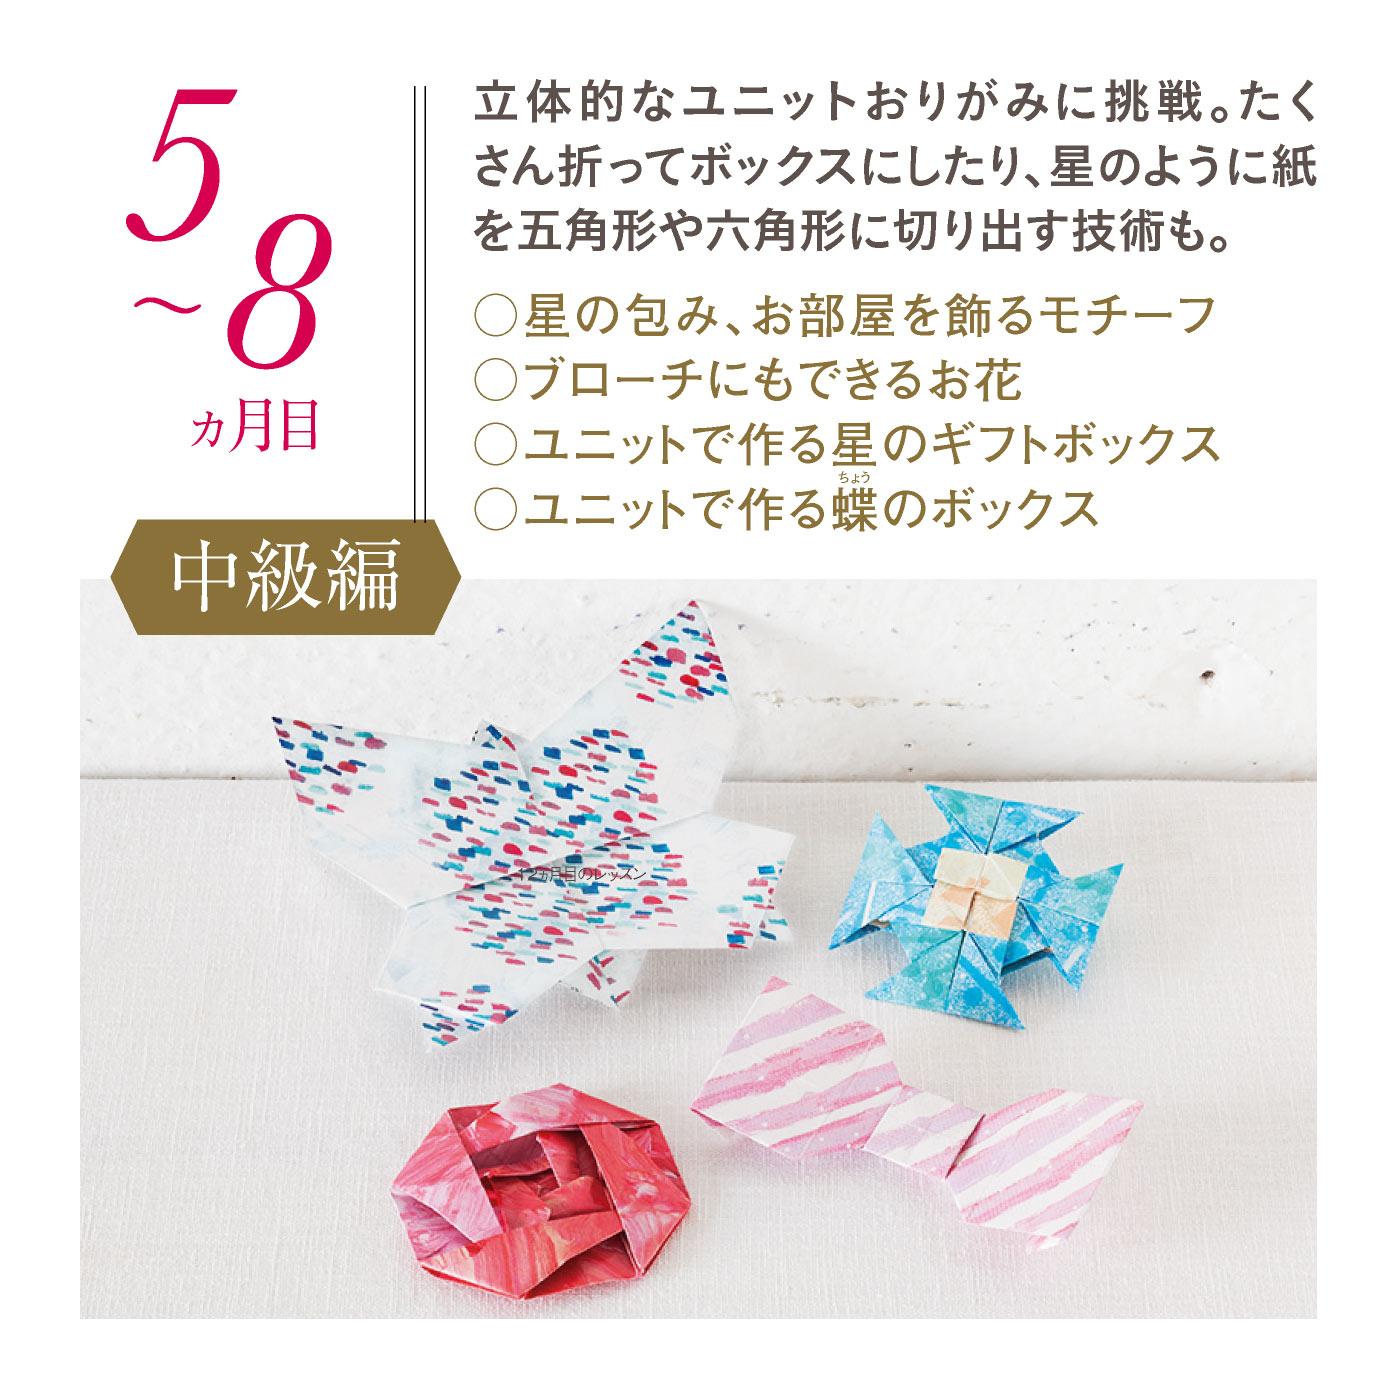 【5~8ヵ月目・中級編】